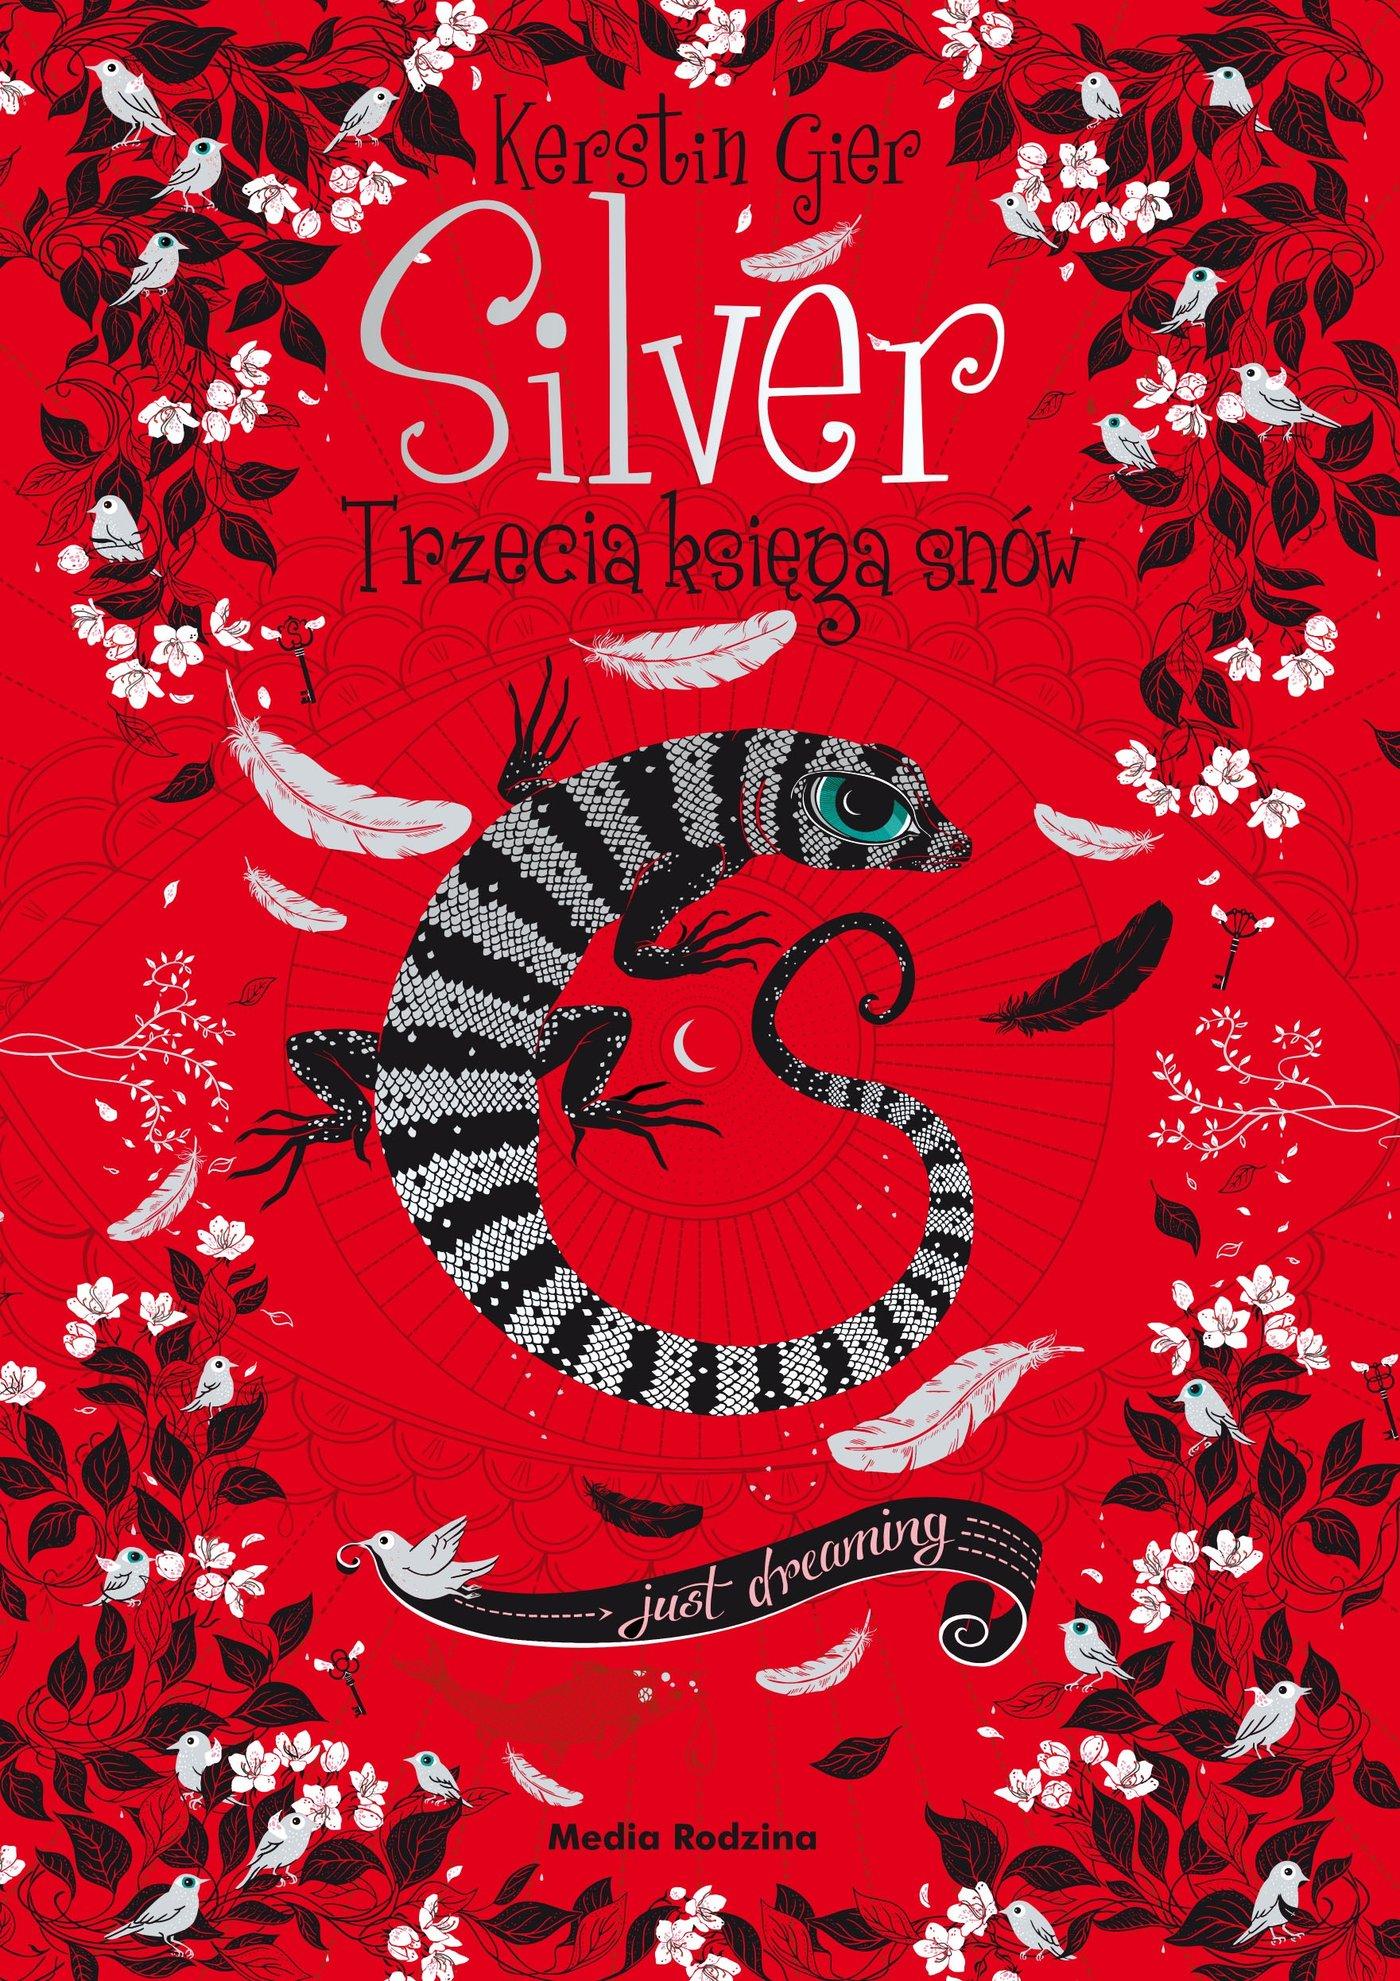 Silver - trzecia księga snów - Ebook (Książka na Kindle) do pobrania w formacie MOBI